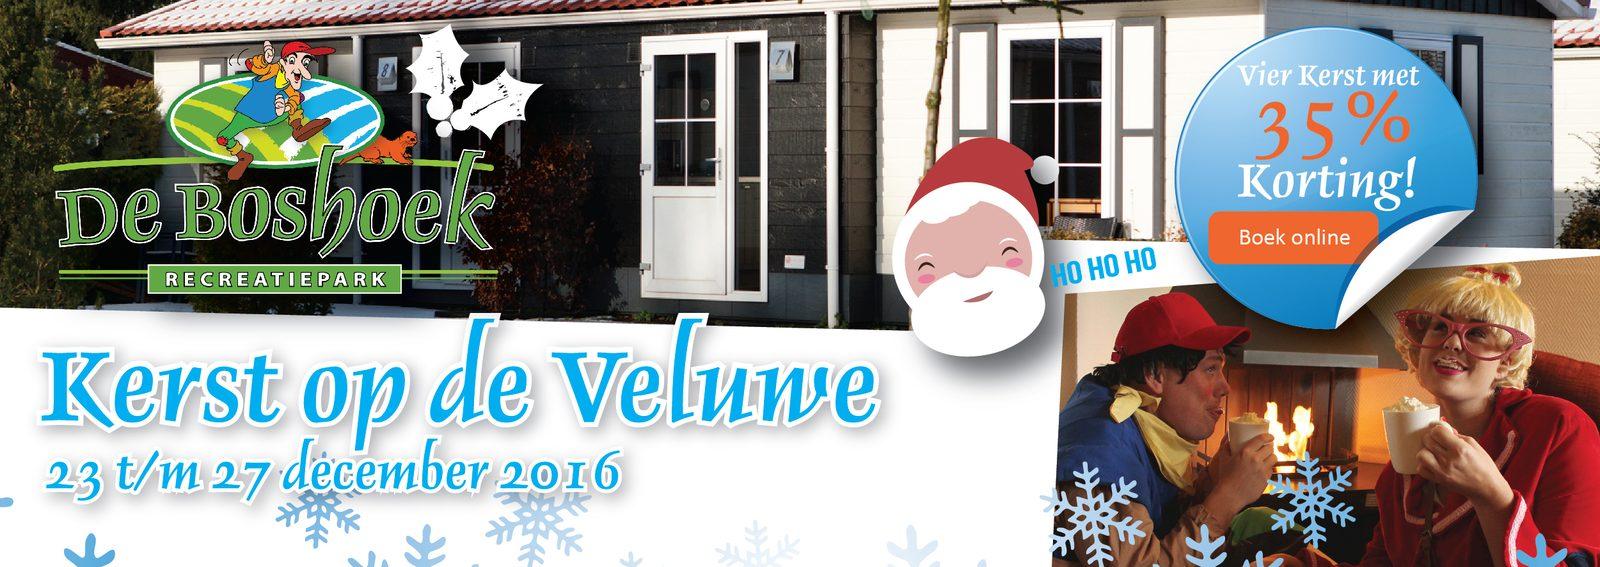 Vier Kerst op de Veluwe bij Recreatiepark De Boshoek met 35% korting!